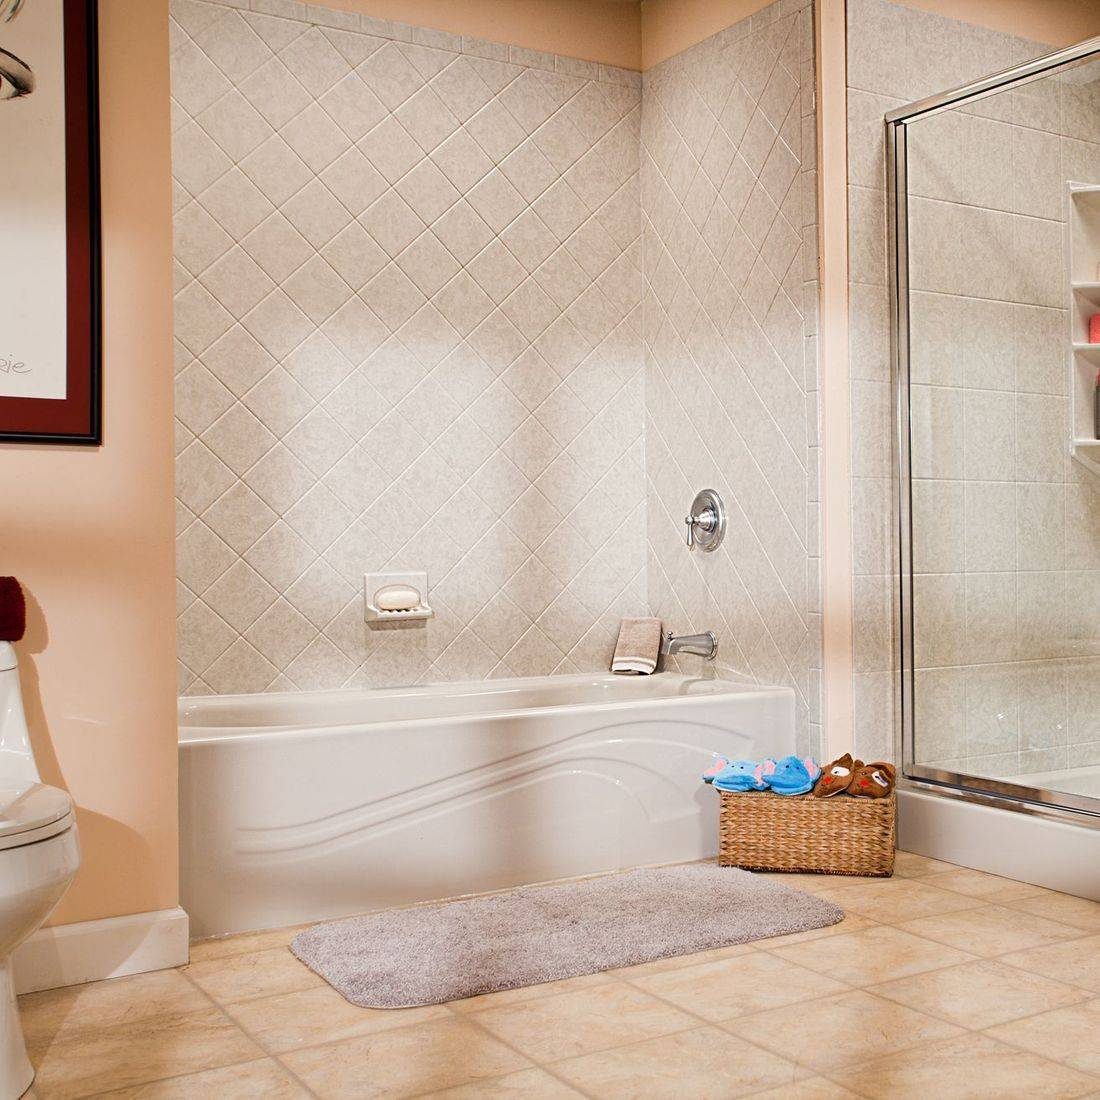 tub liners, bath liners, acrylic bath liners, bath fitter, bath planet, bath liners plus, bain magique, bain miracle, fleurco shower doors